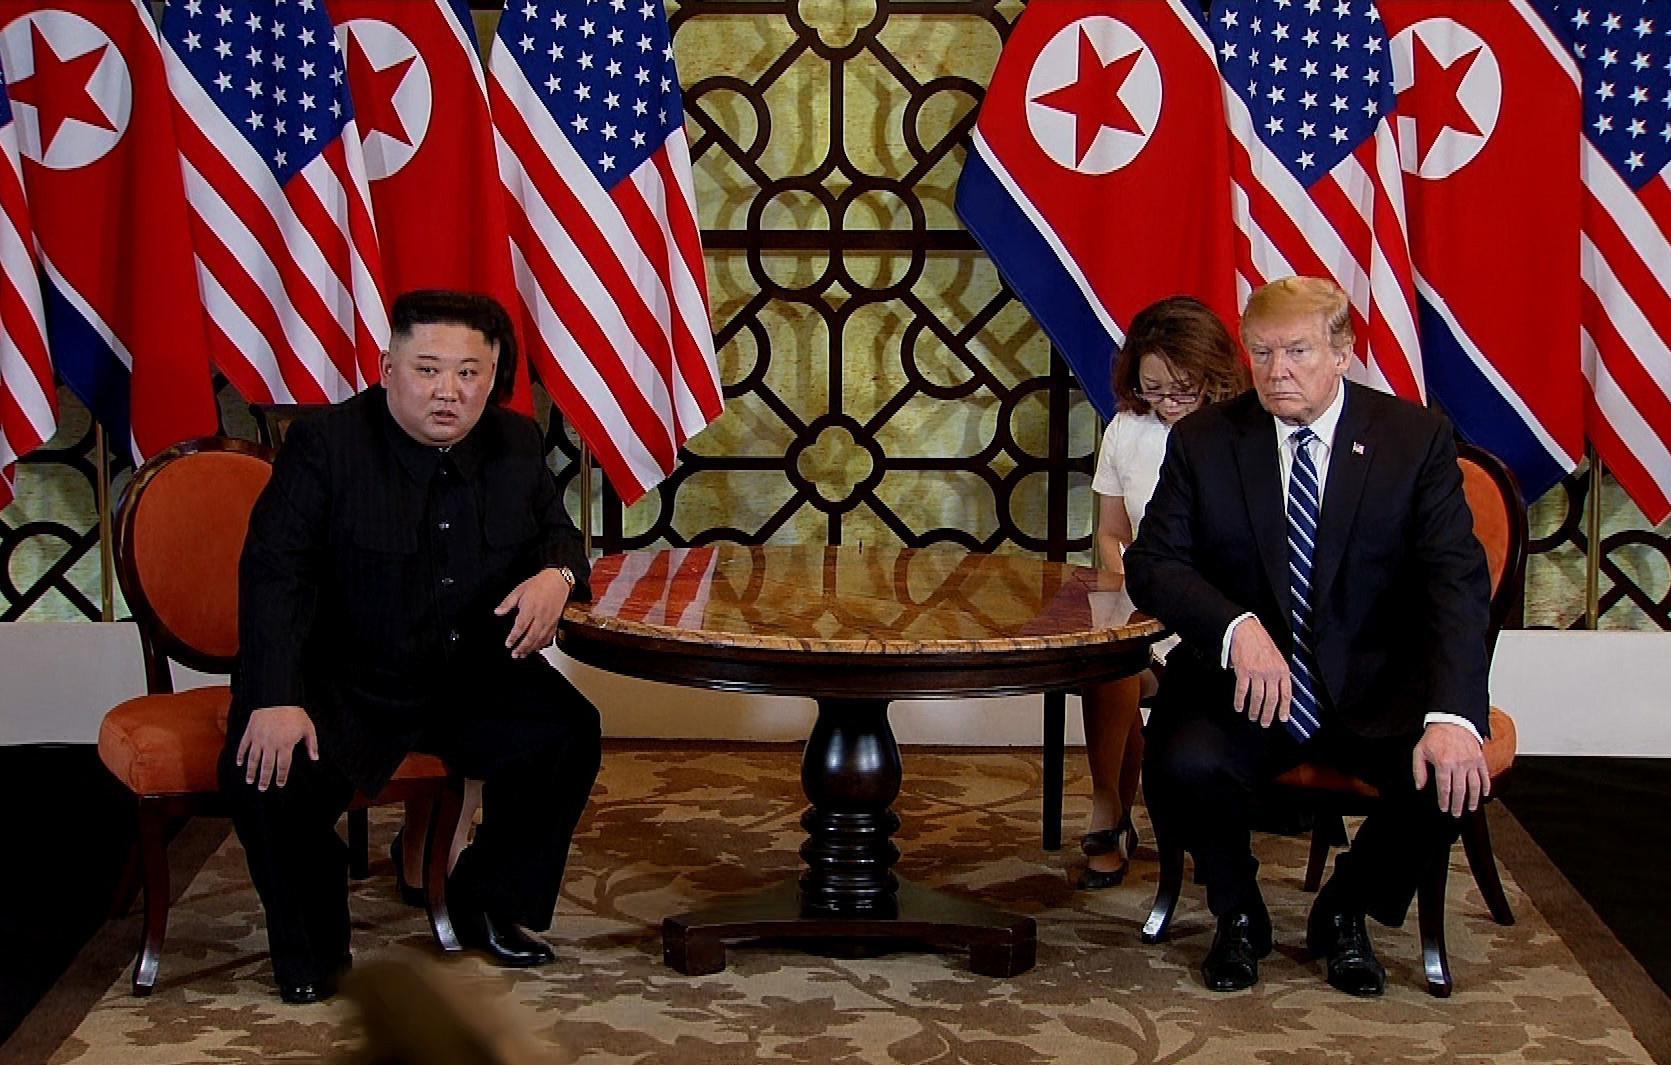 日本亞洲新聞社引述消息稱,4名北韓外交部官員因為第二次特金會失利而被處決。圖為2019年2月28日,美國總統特朗普和北韓領導人金正恩在越南會面。(Vietnam News Agency/Handout/Getty Images)